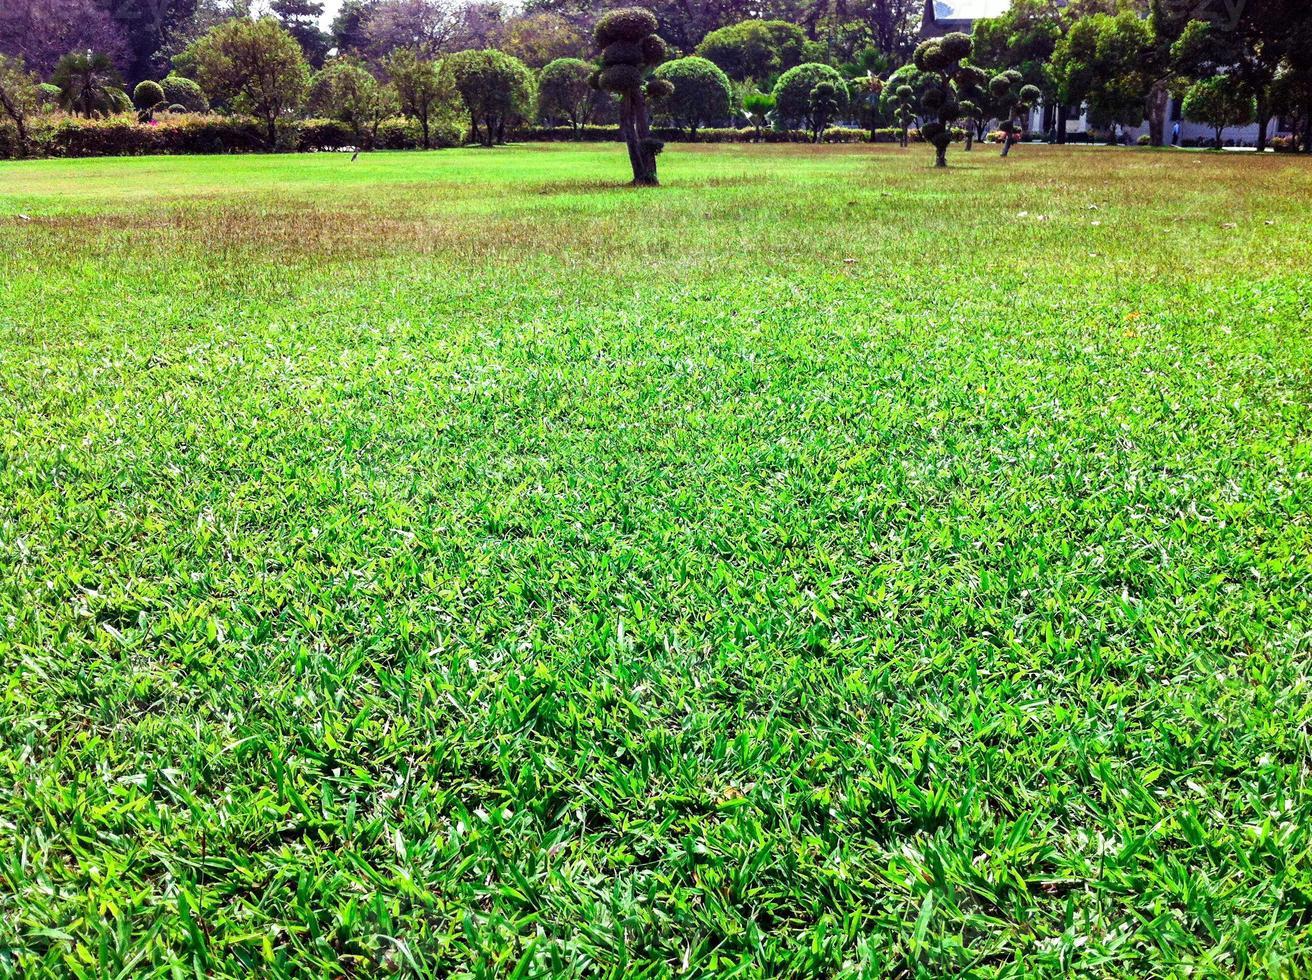 césped verde en el jardín hermoso foto